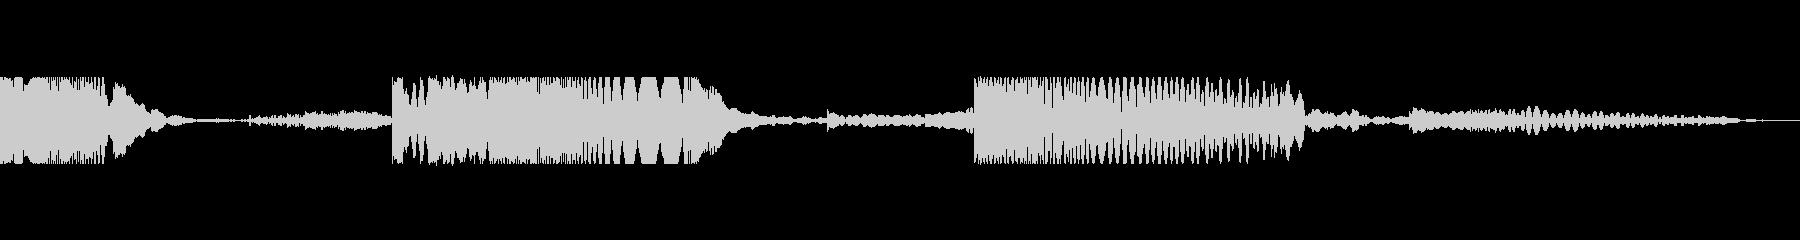 レーザーリコシェット3の未再生の波形